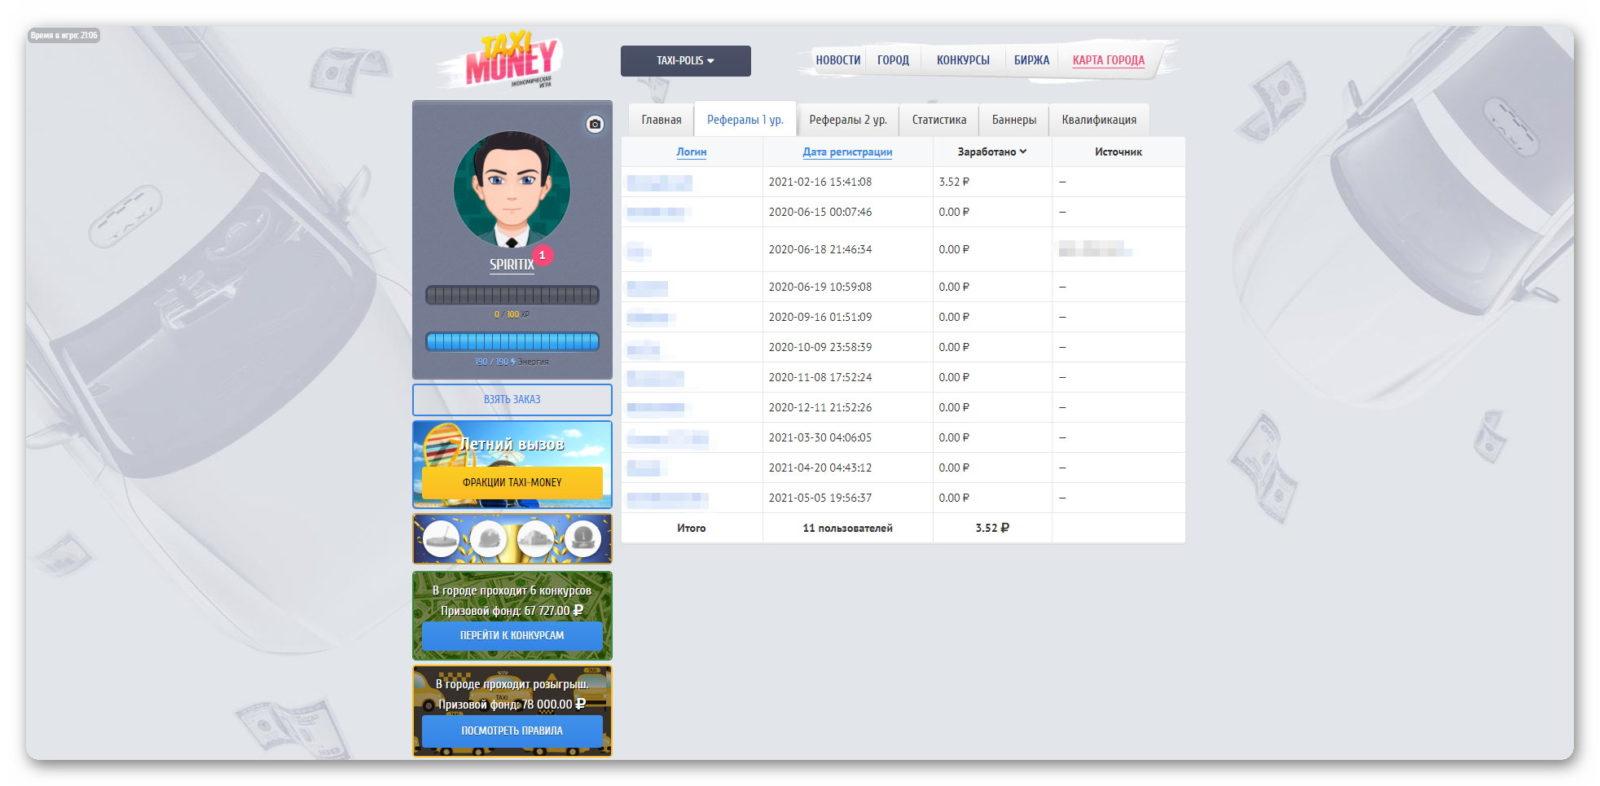 Рефералы 1 уровня в игре Taxi-Money